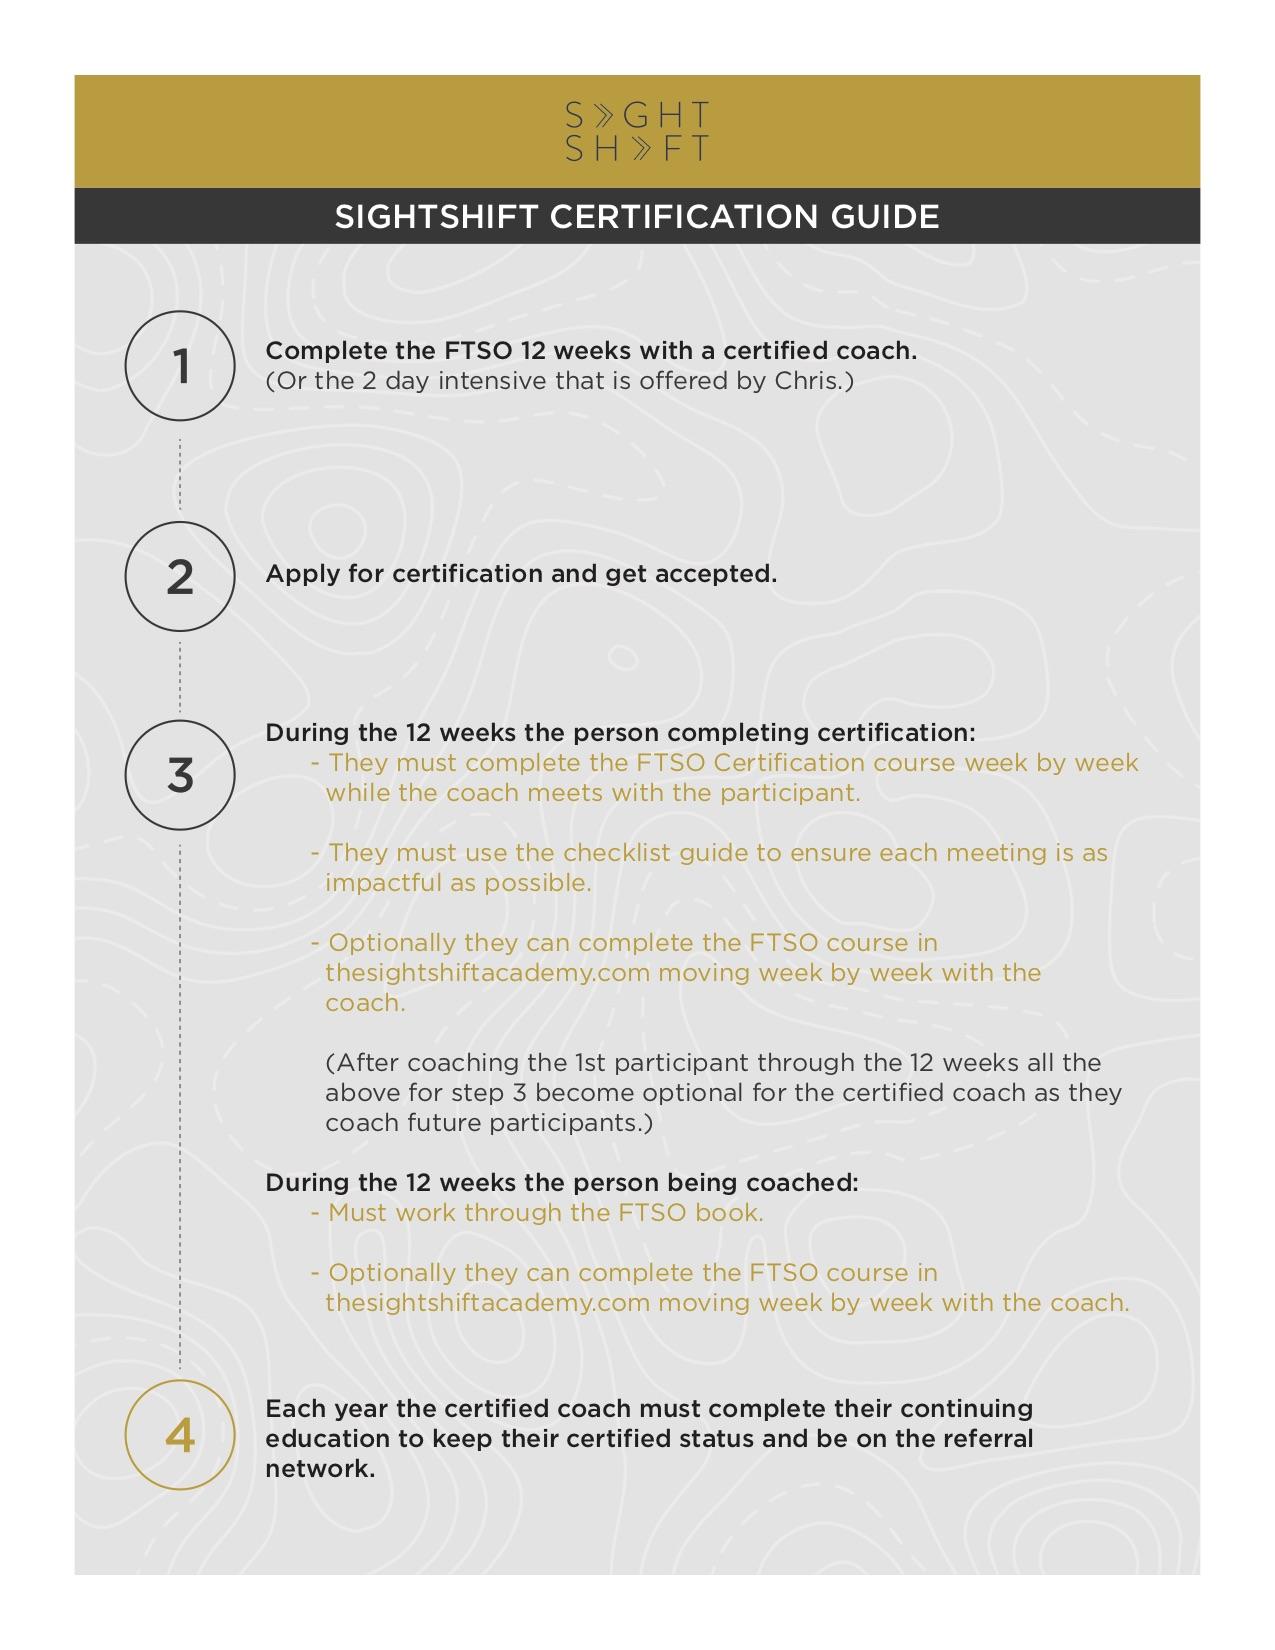 SS-Certification-Guide-R3.jpg